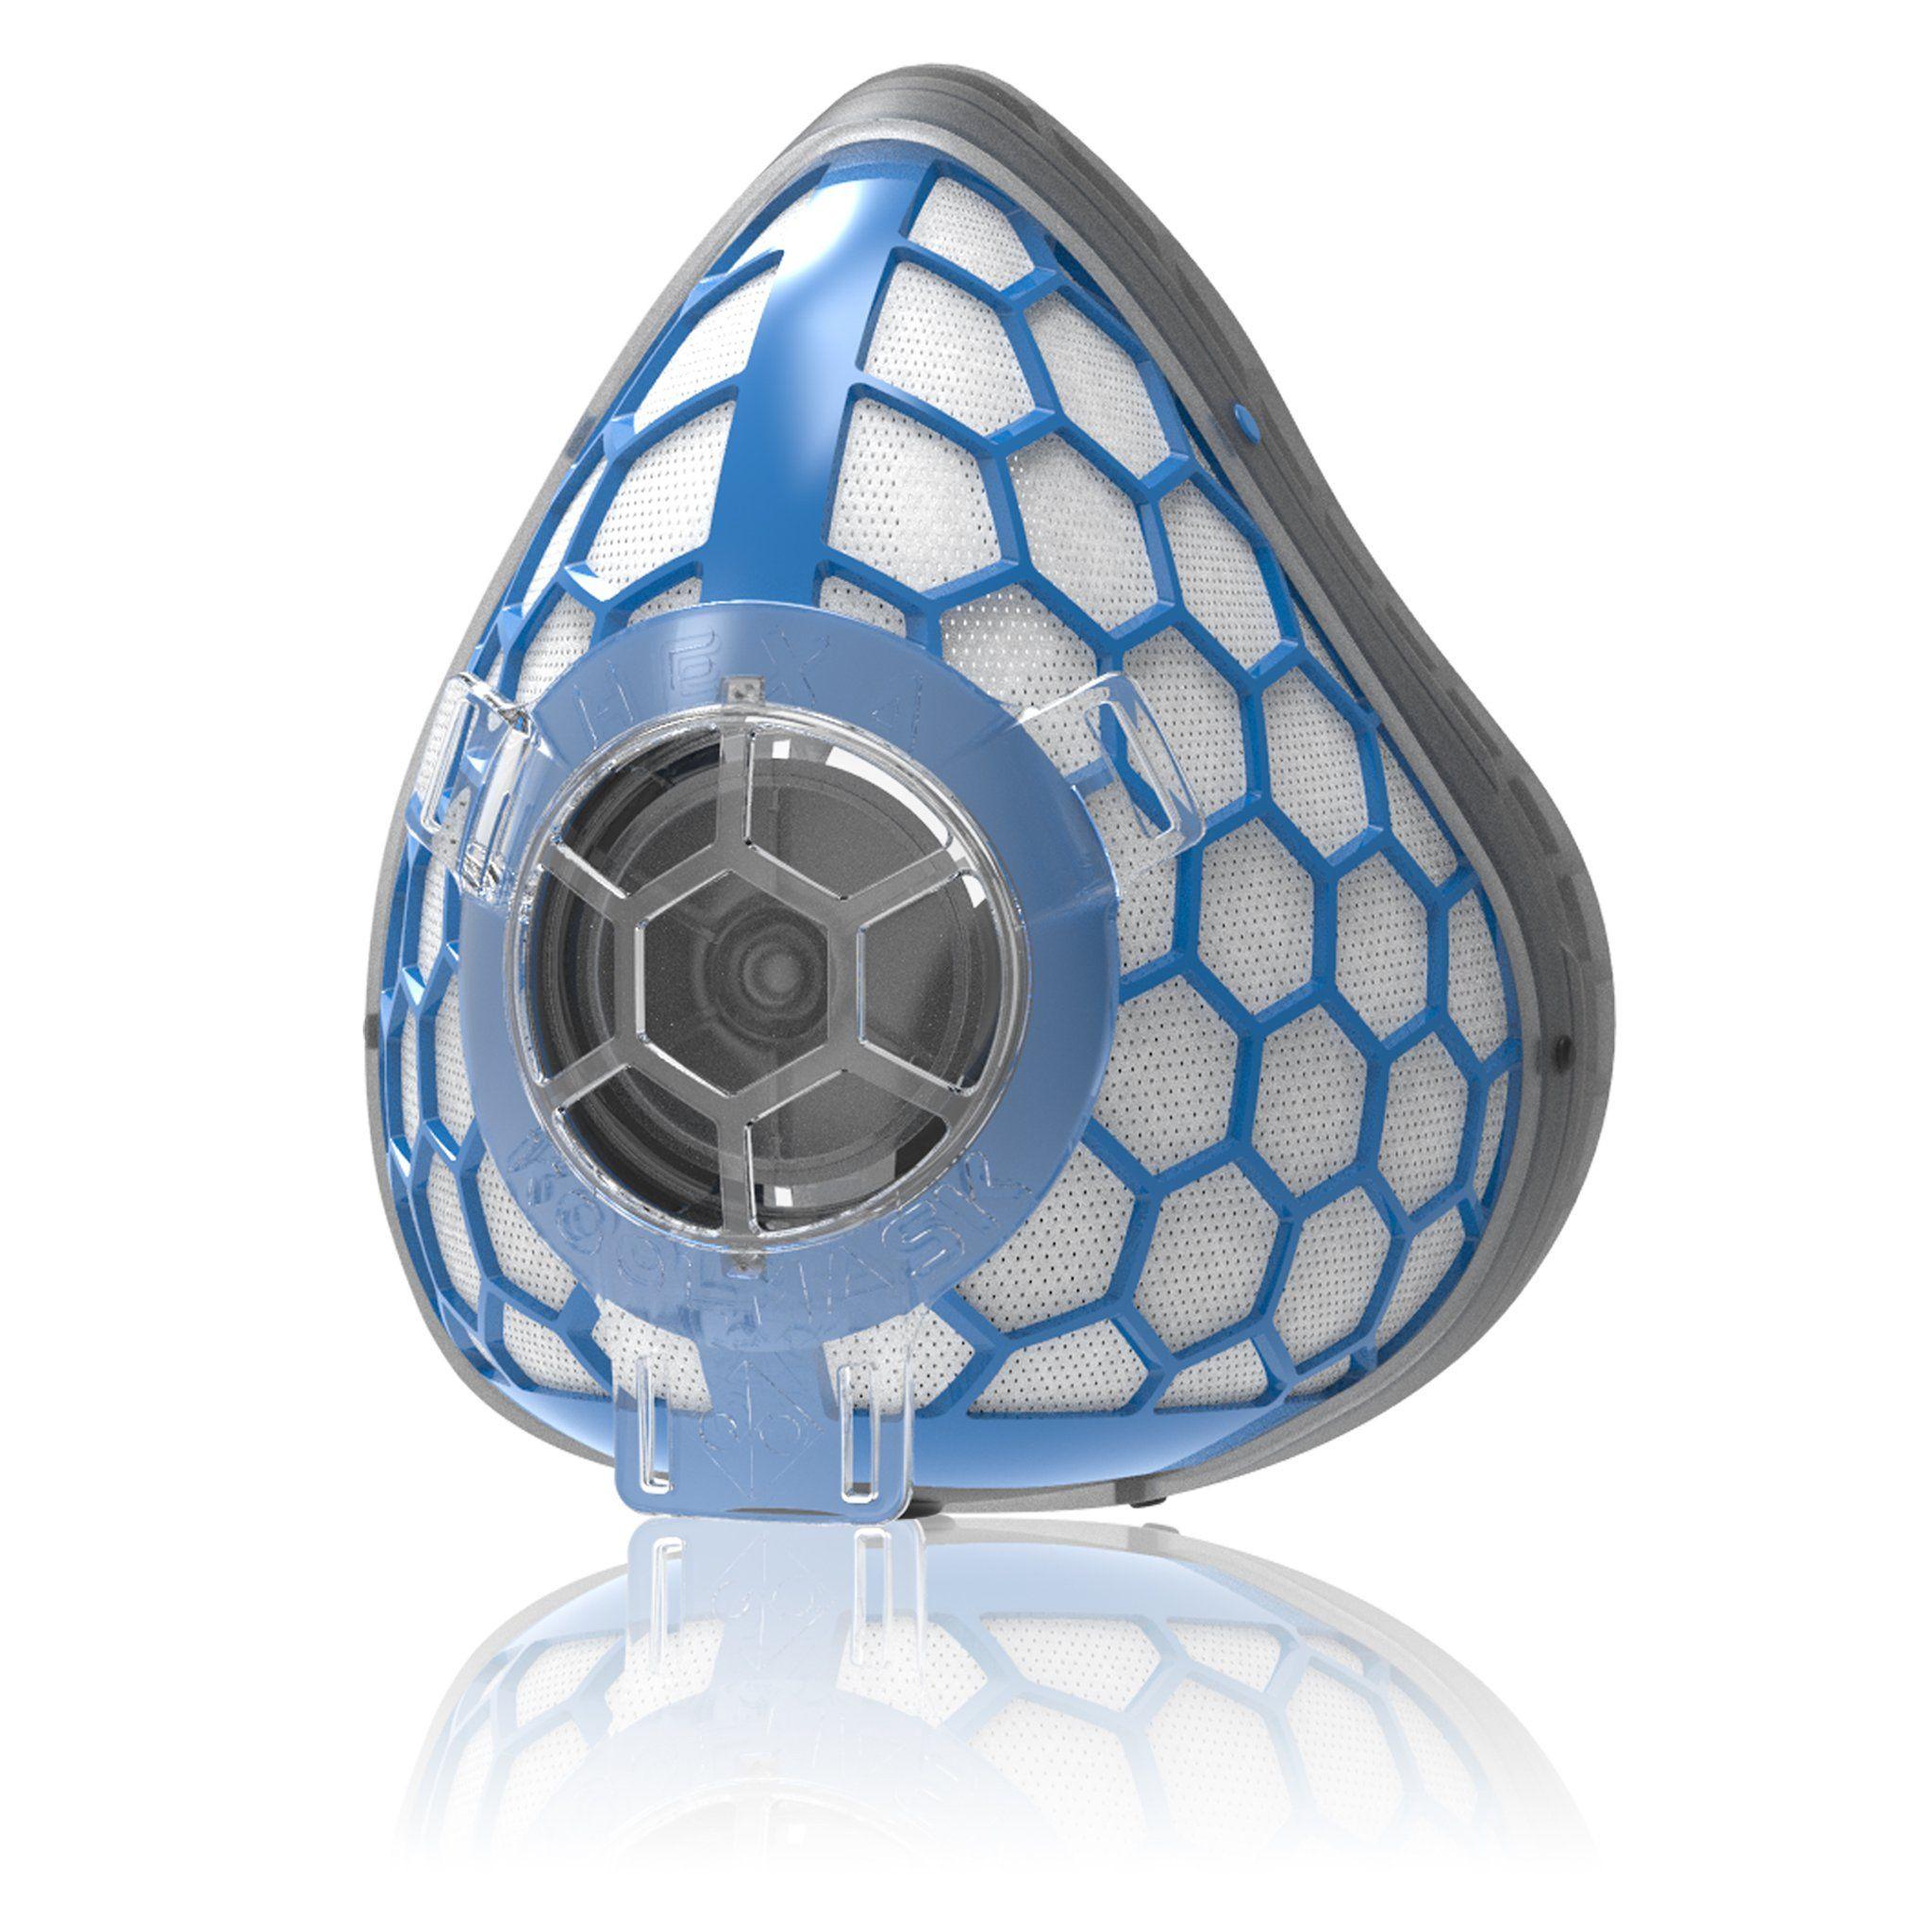 HEXA Air Purifier Face Mask